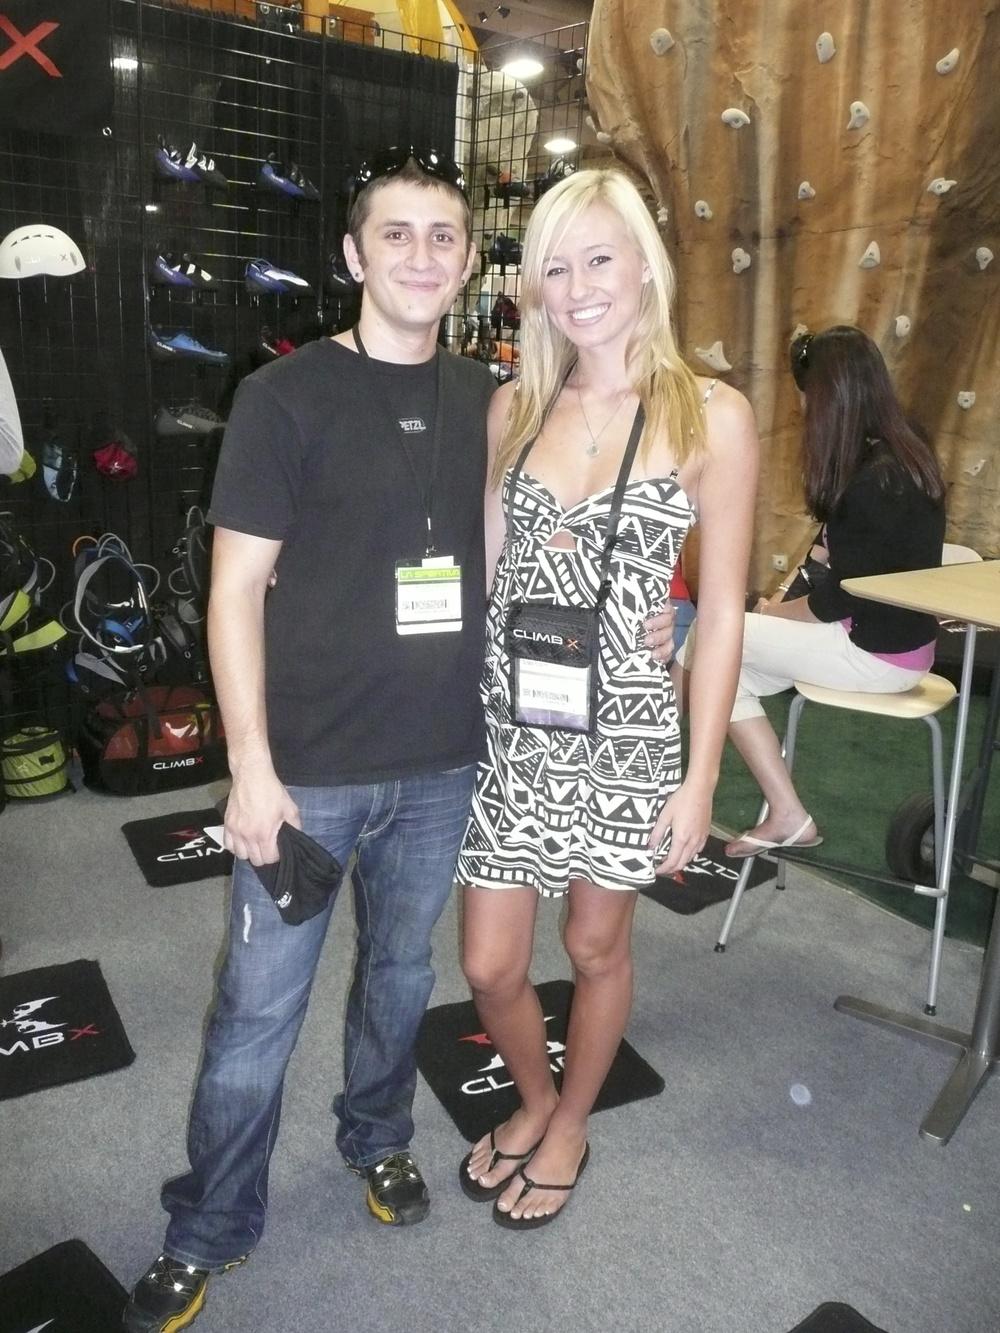 Kyle McFarland & Sierra Blair-Coyle 2011 Summer Outdoor Retailer Tradeshow